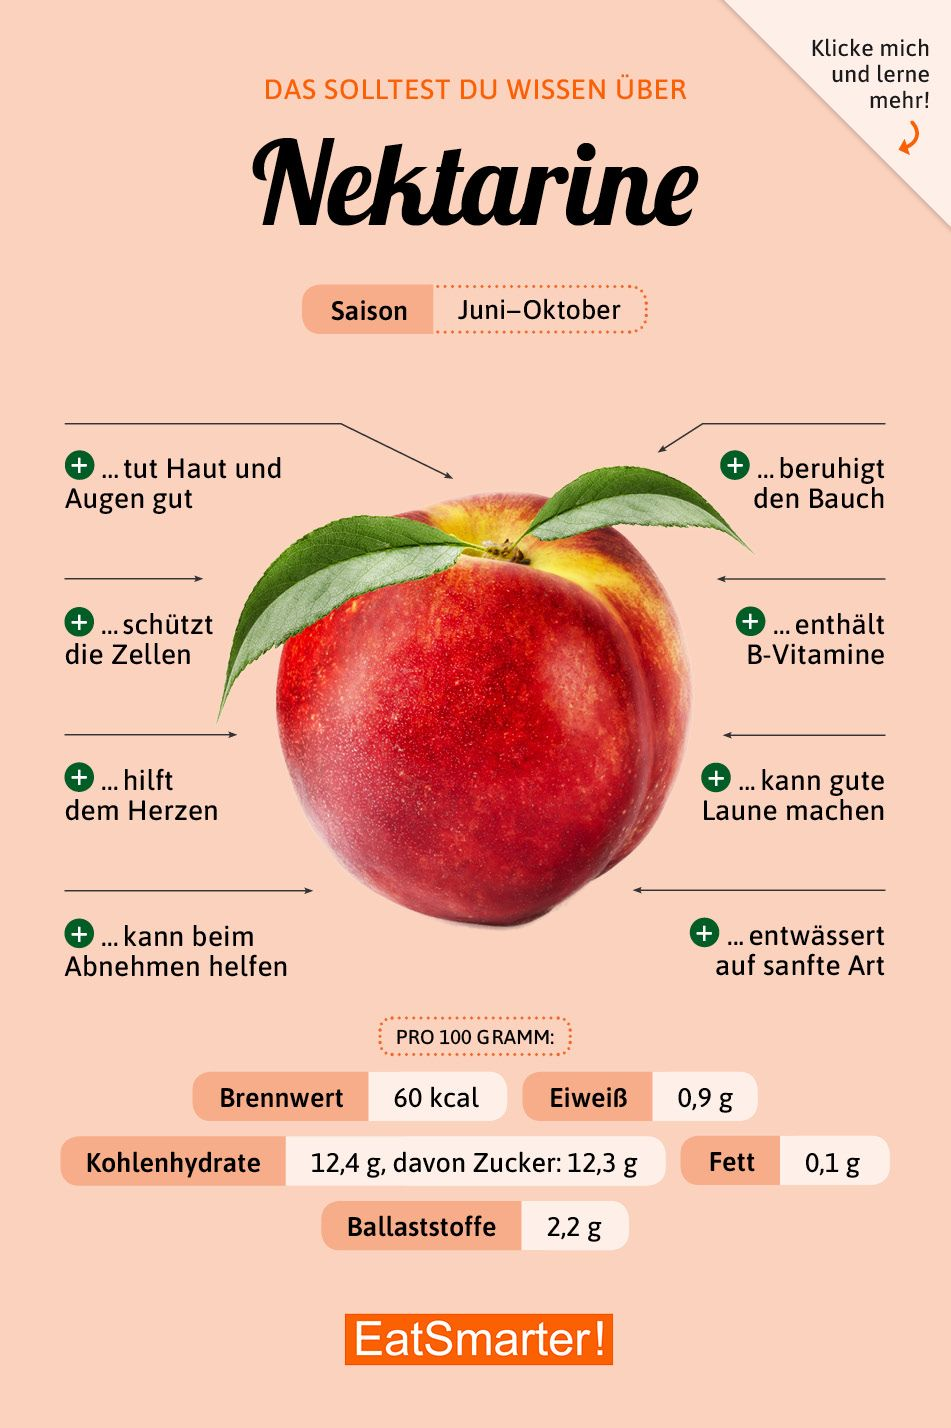 Welche Lebensmittel können auf einer milden Diät gegessen werden